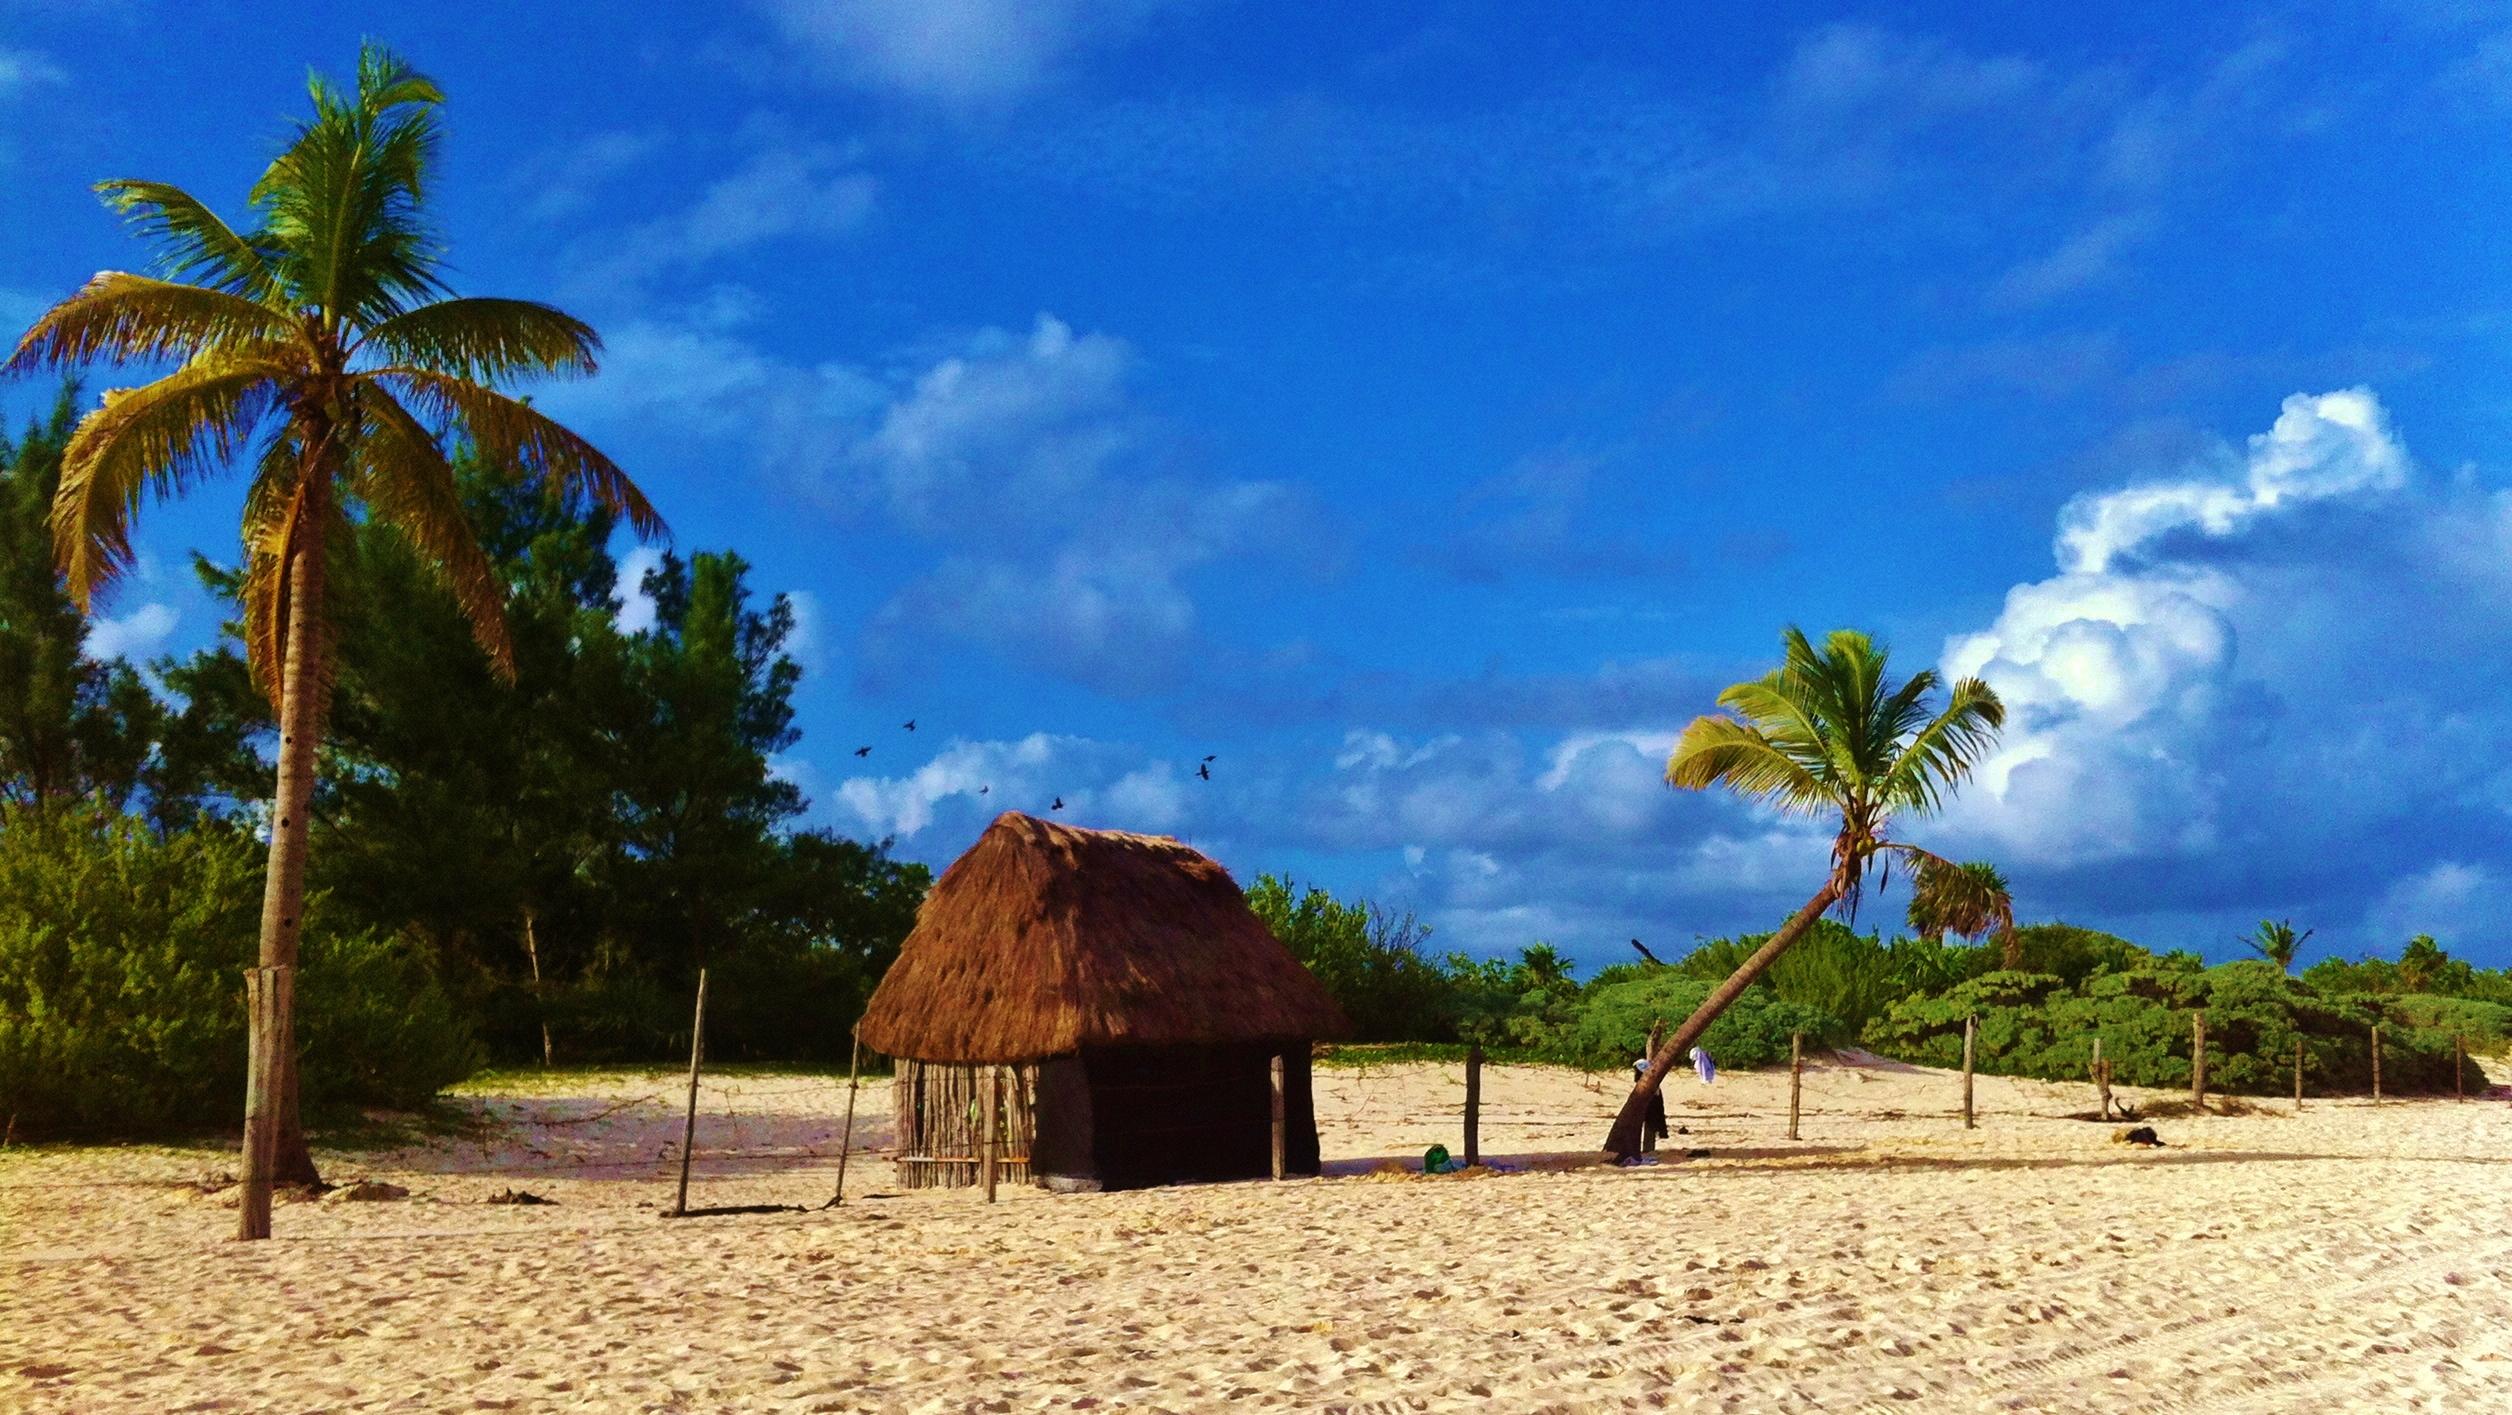 Playa Del Carmen Beach 3